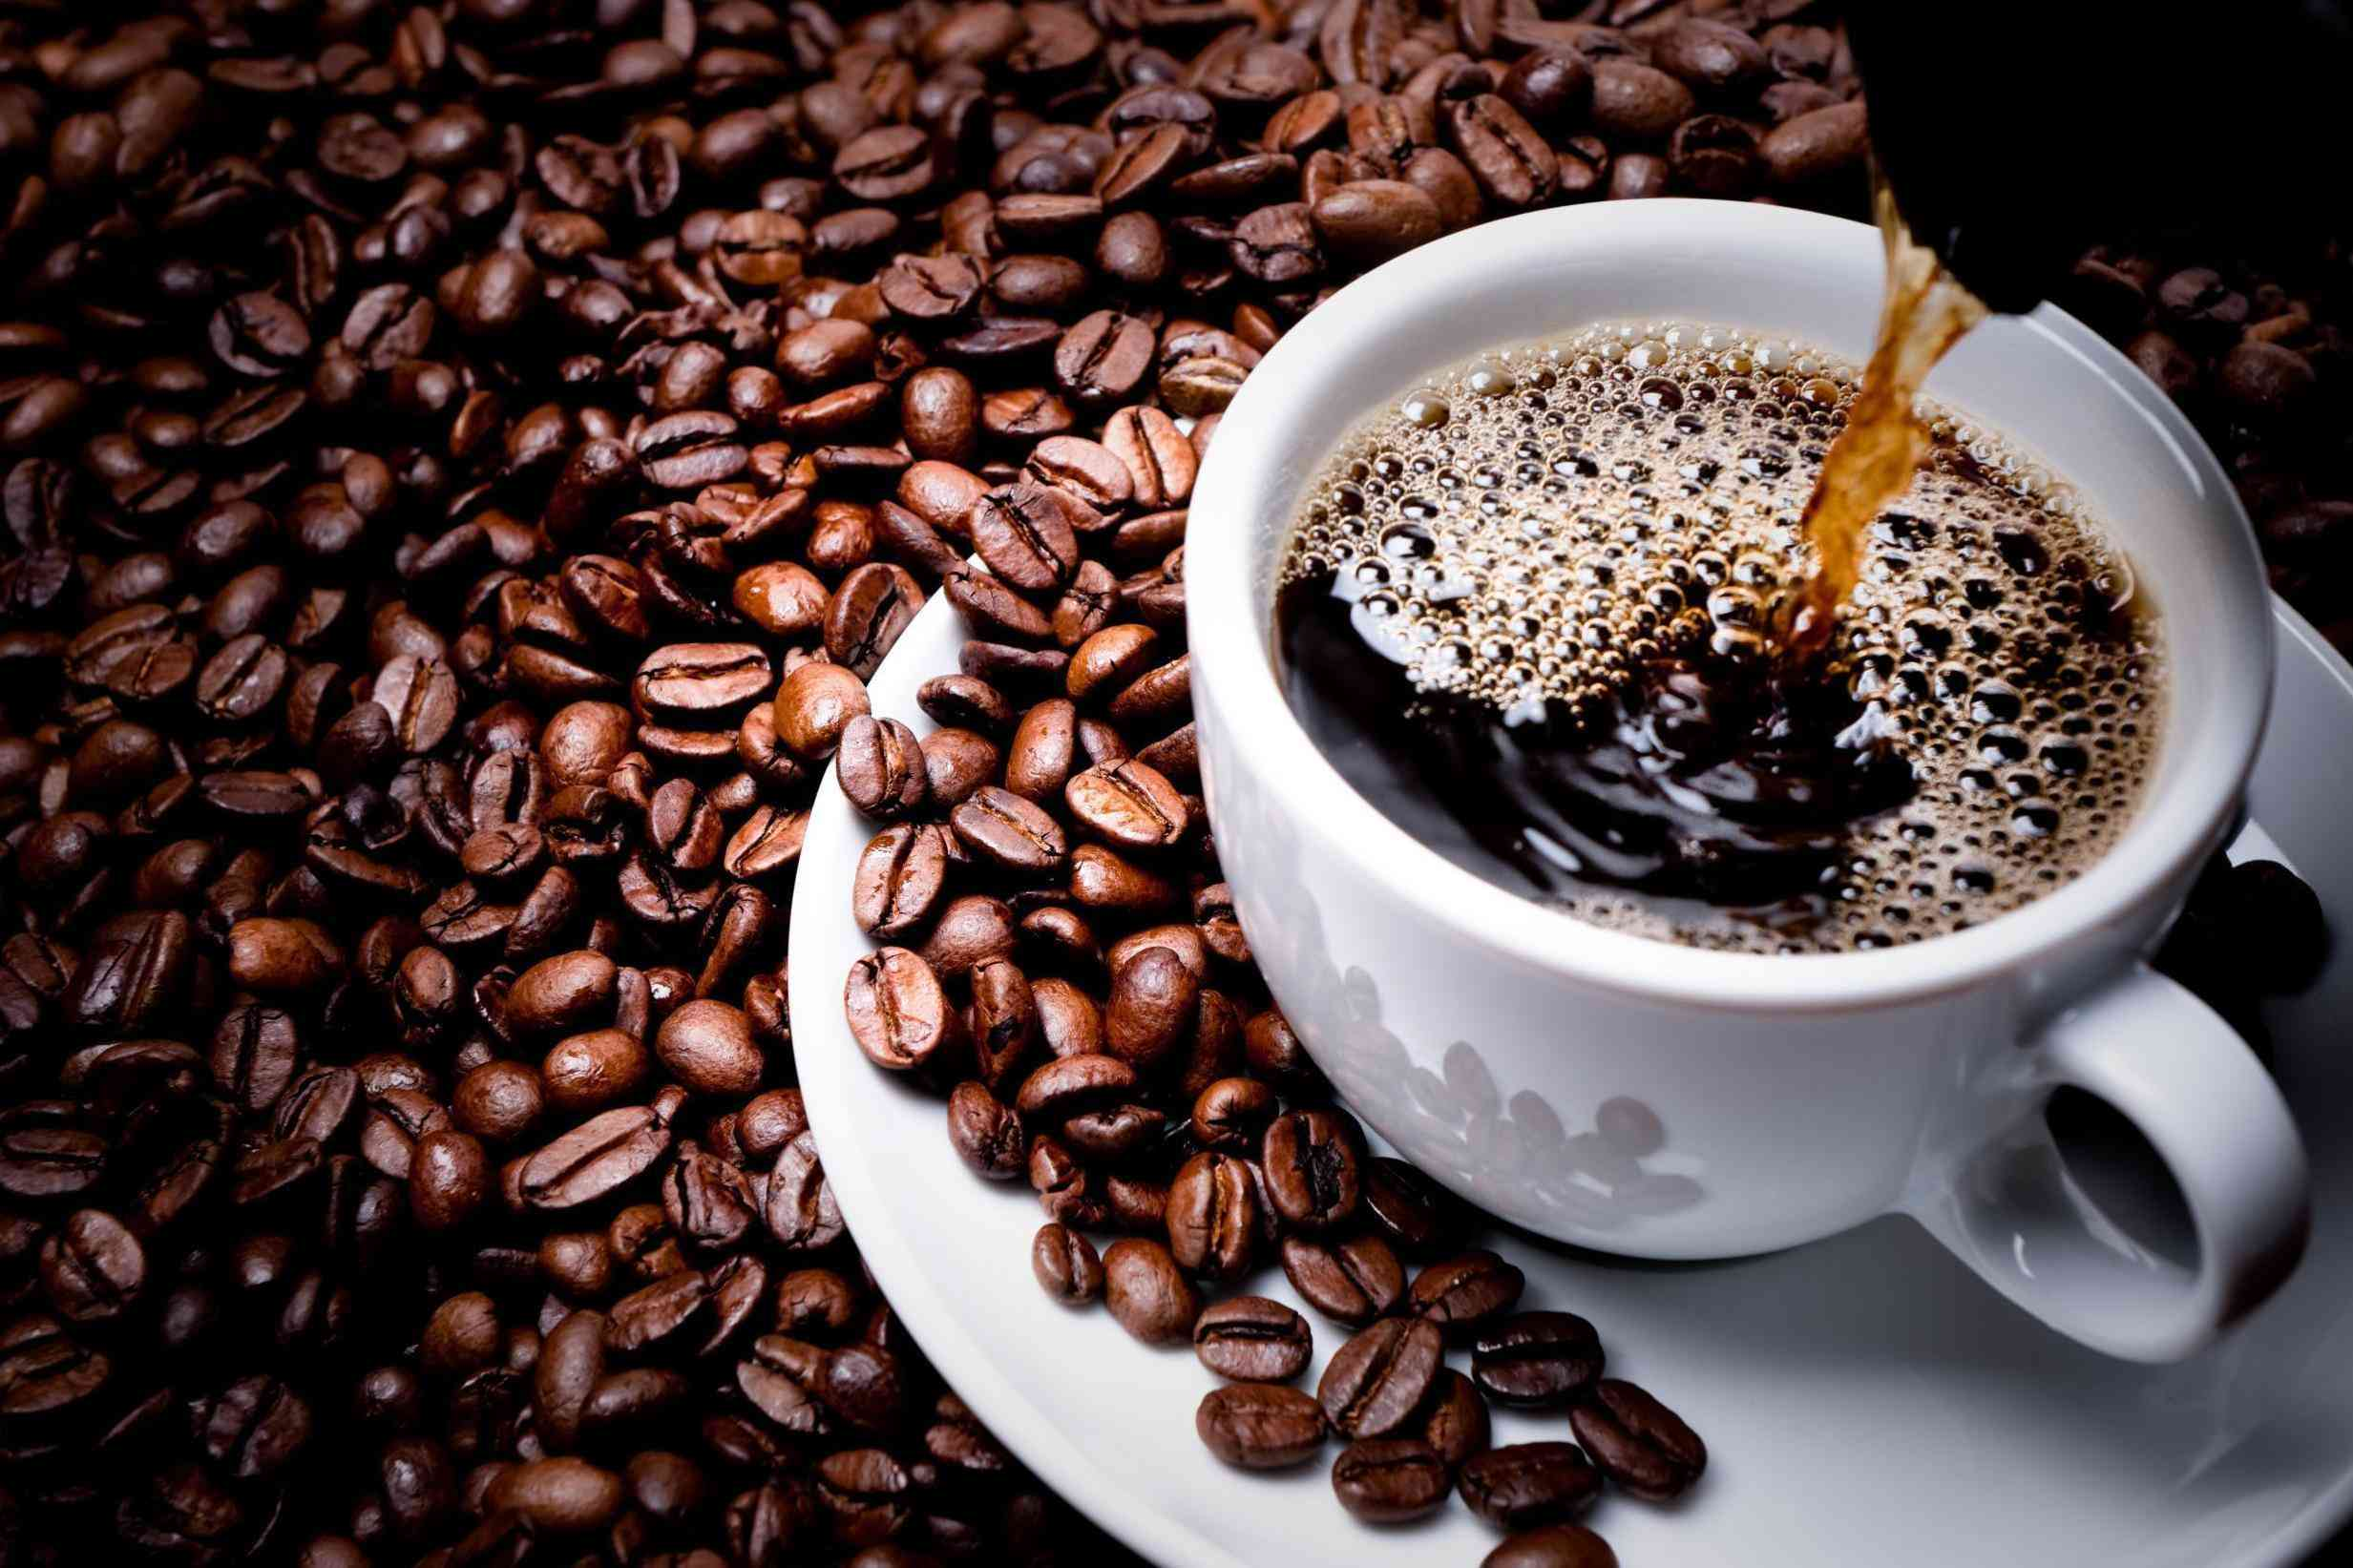 دراسة جديدة تكشف فوائد طبية هامة لتناول القهوة يوميا